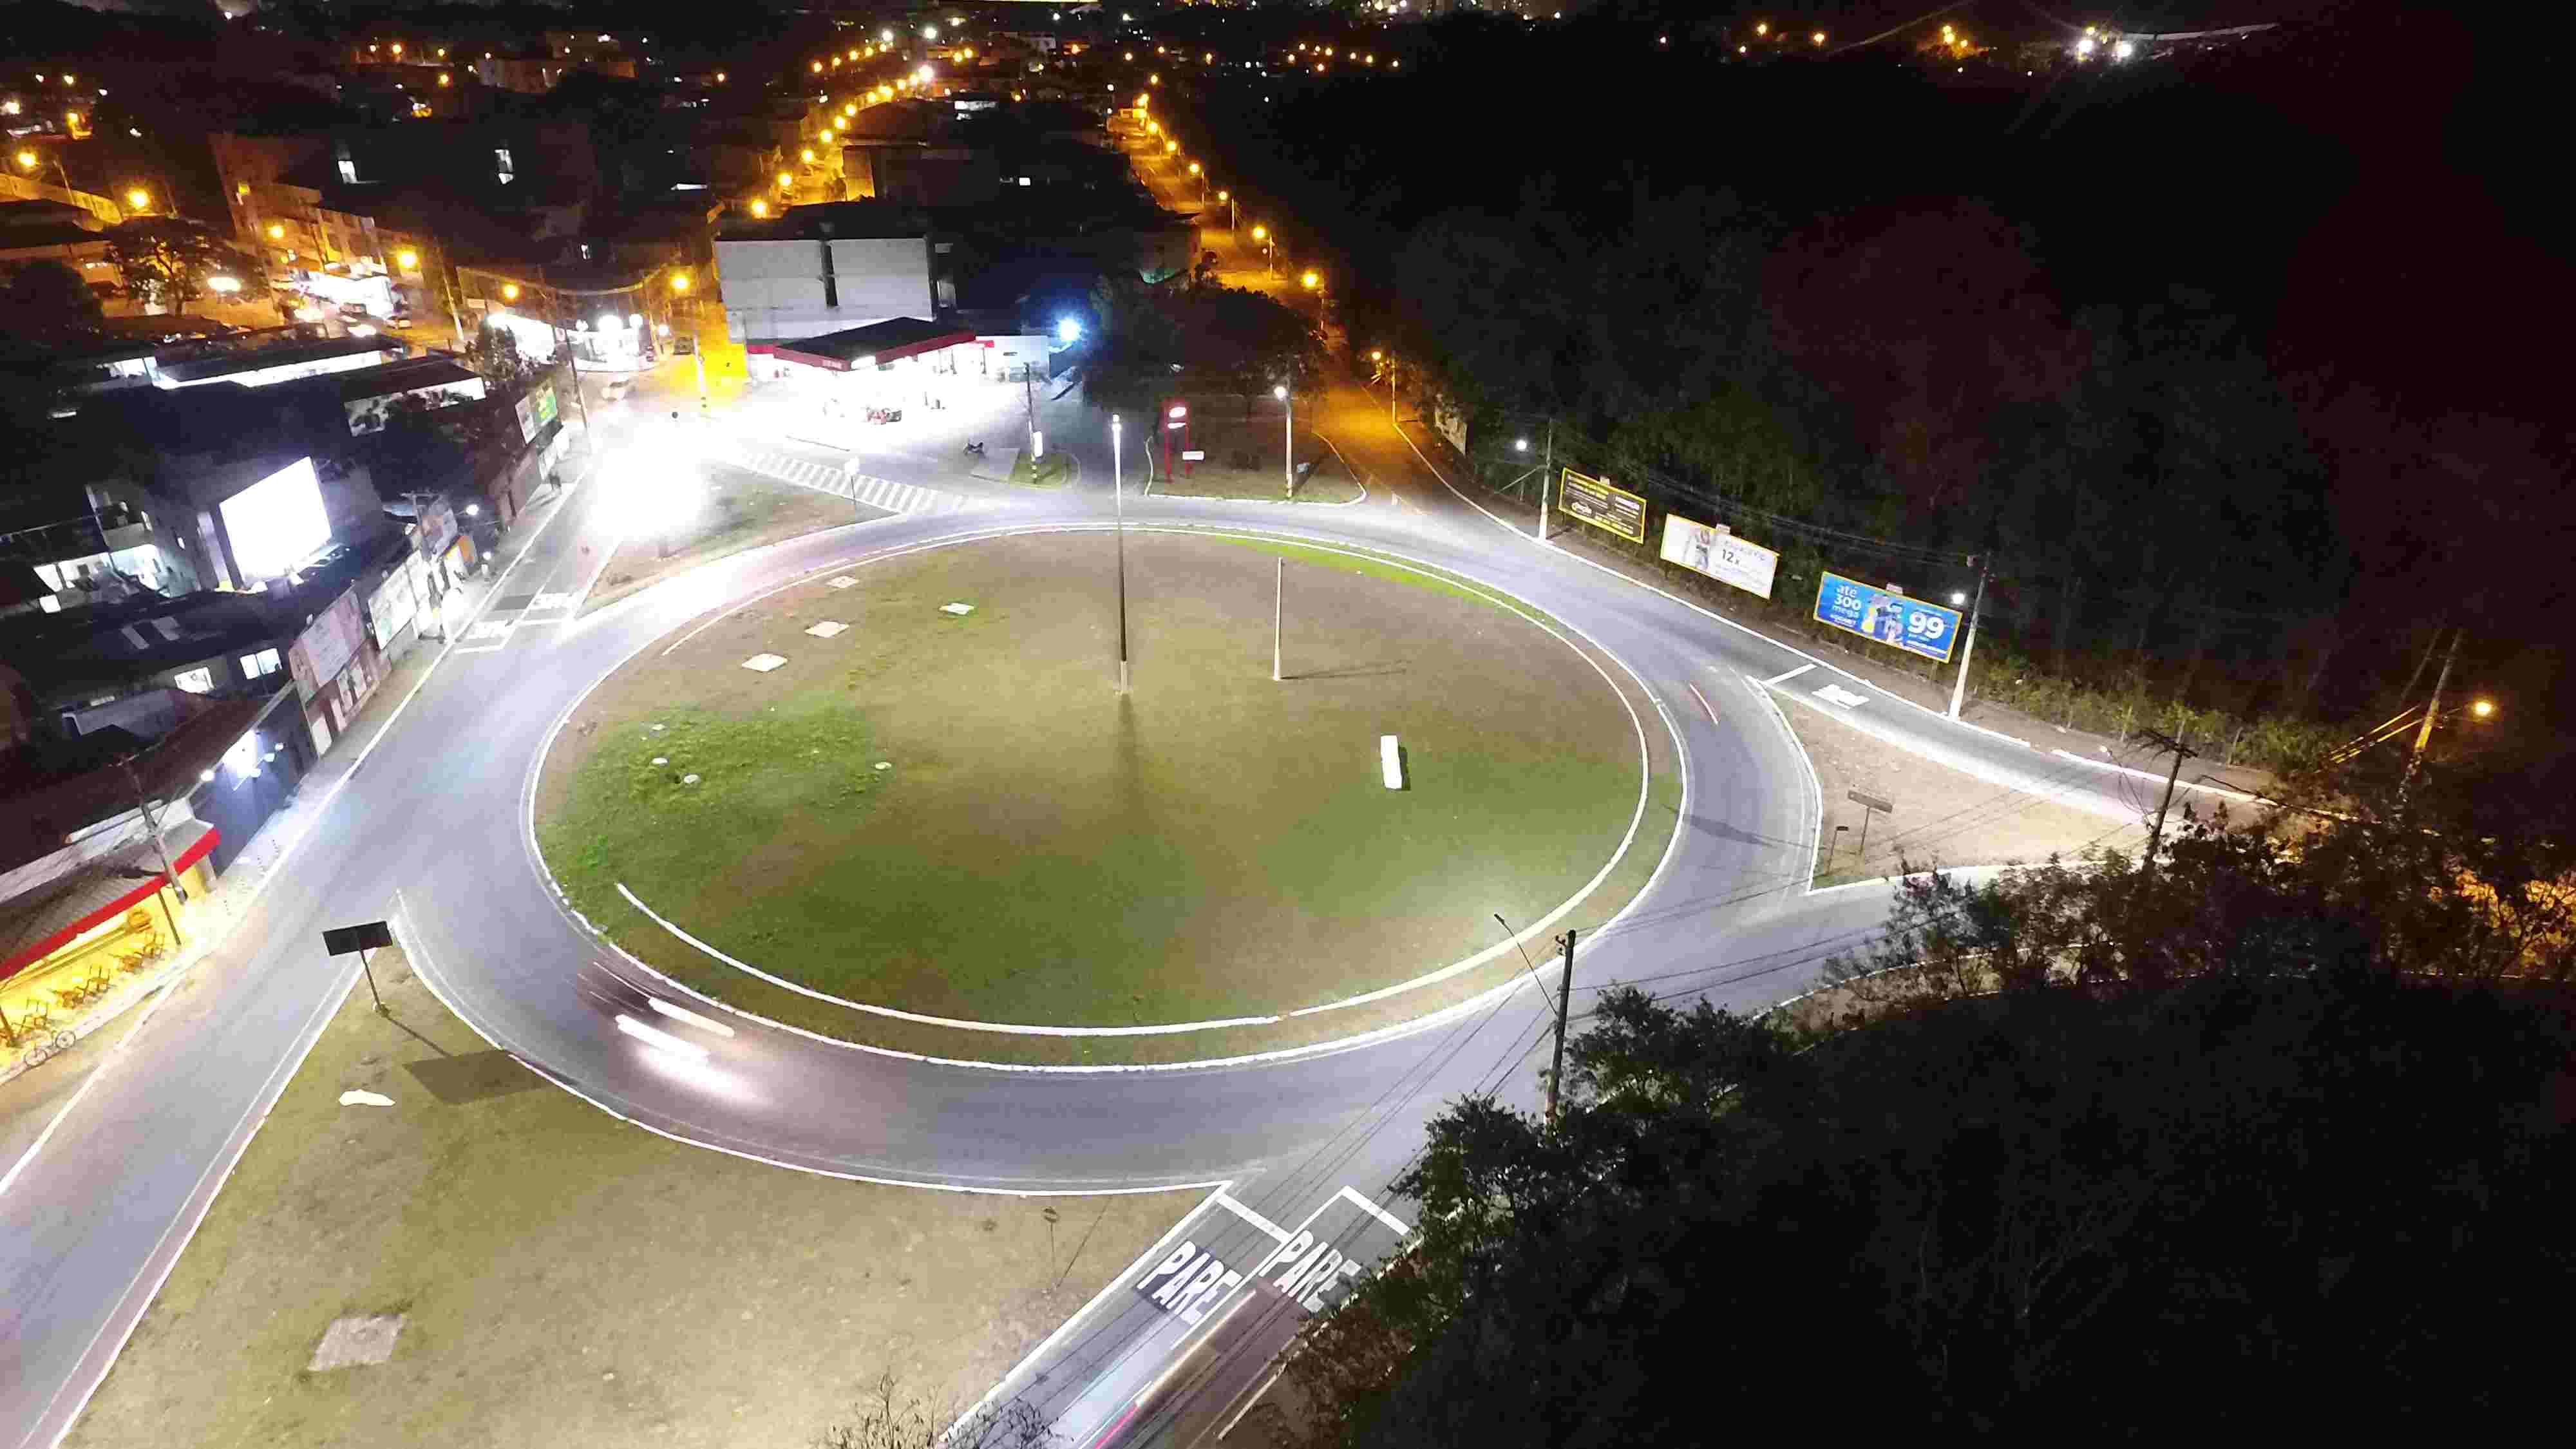 Timóteo: primeira etapa da troca da iluminação por LED ocorrerá em 20 bairros